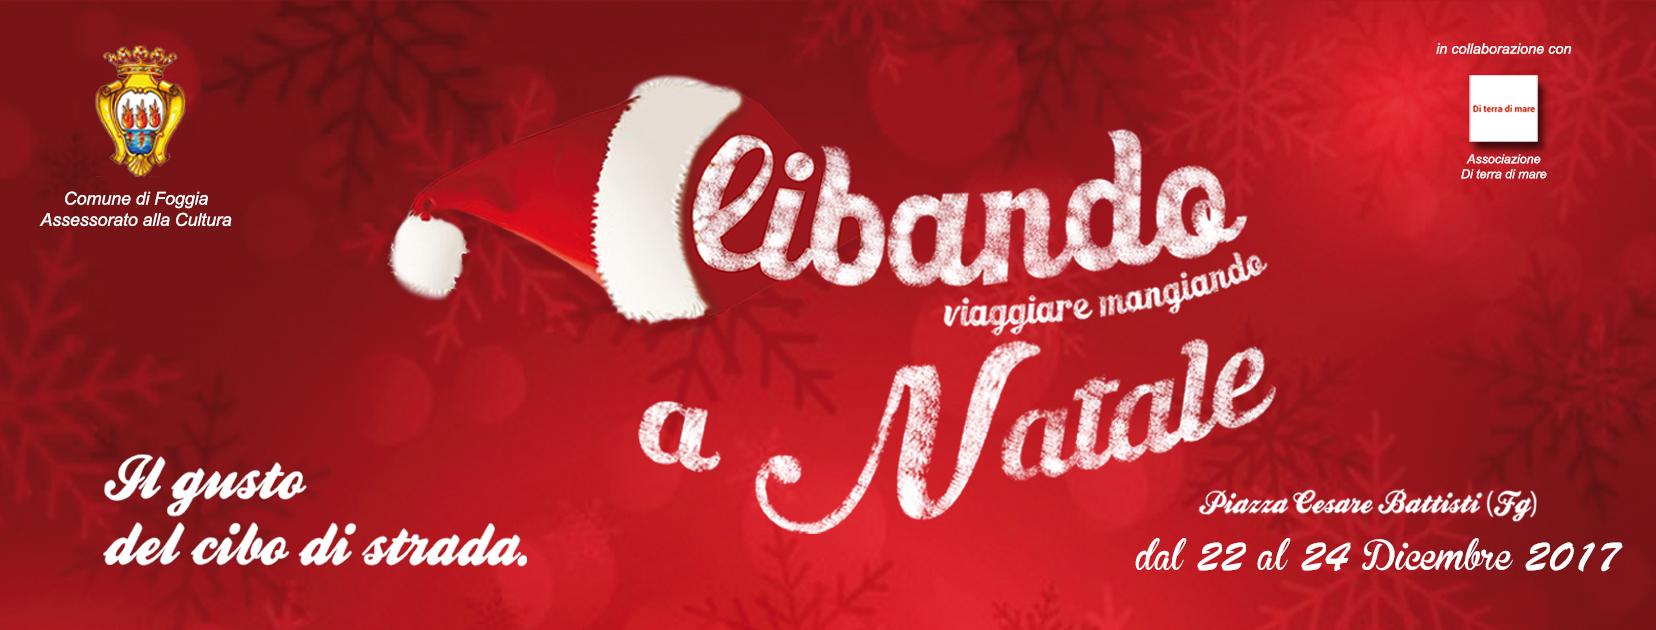 Libando a Natale